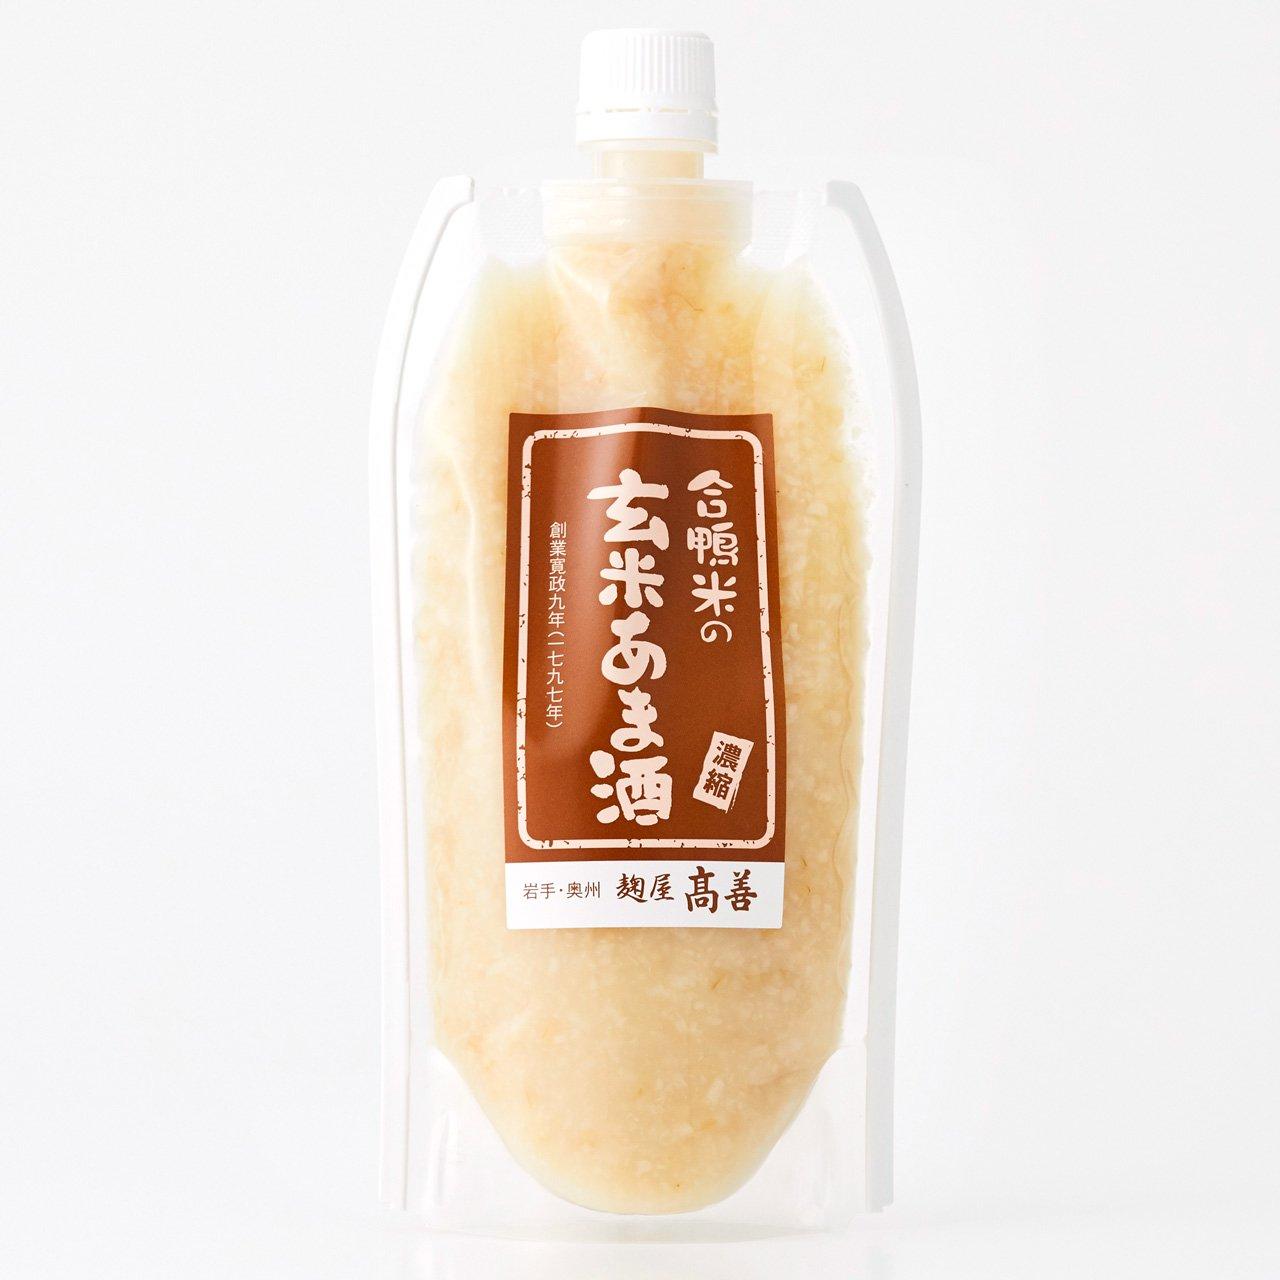 合鴨米の玄米あまざけ 300g(原液タイプ)